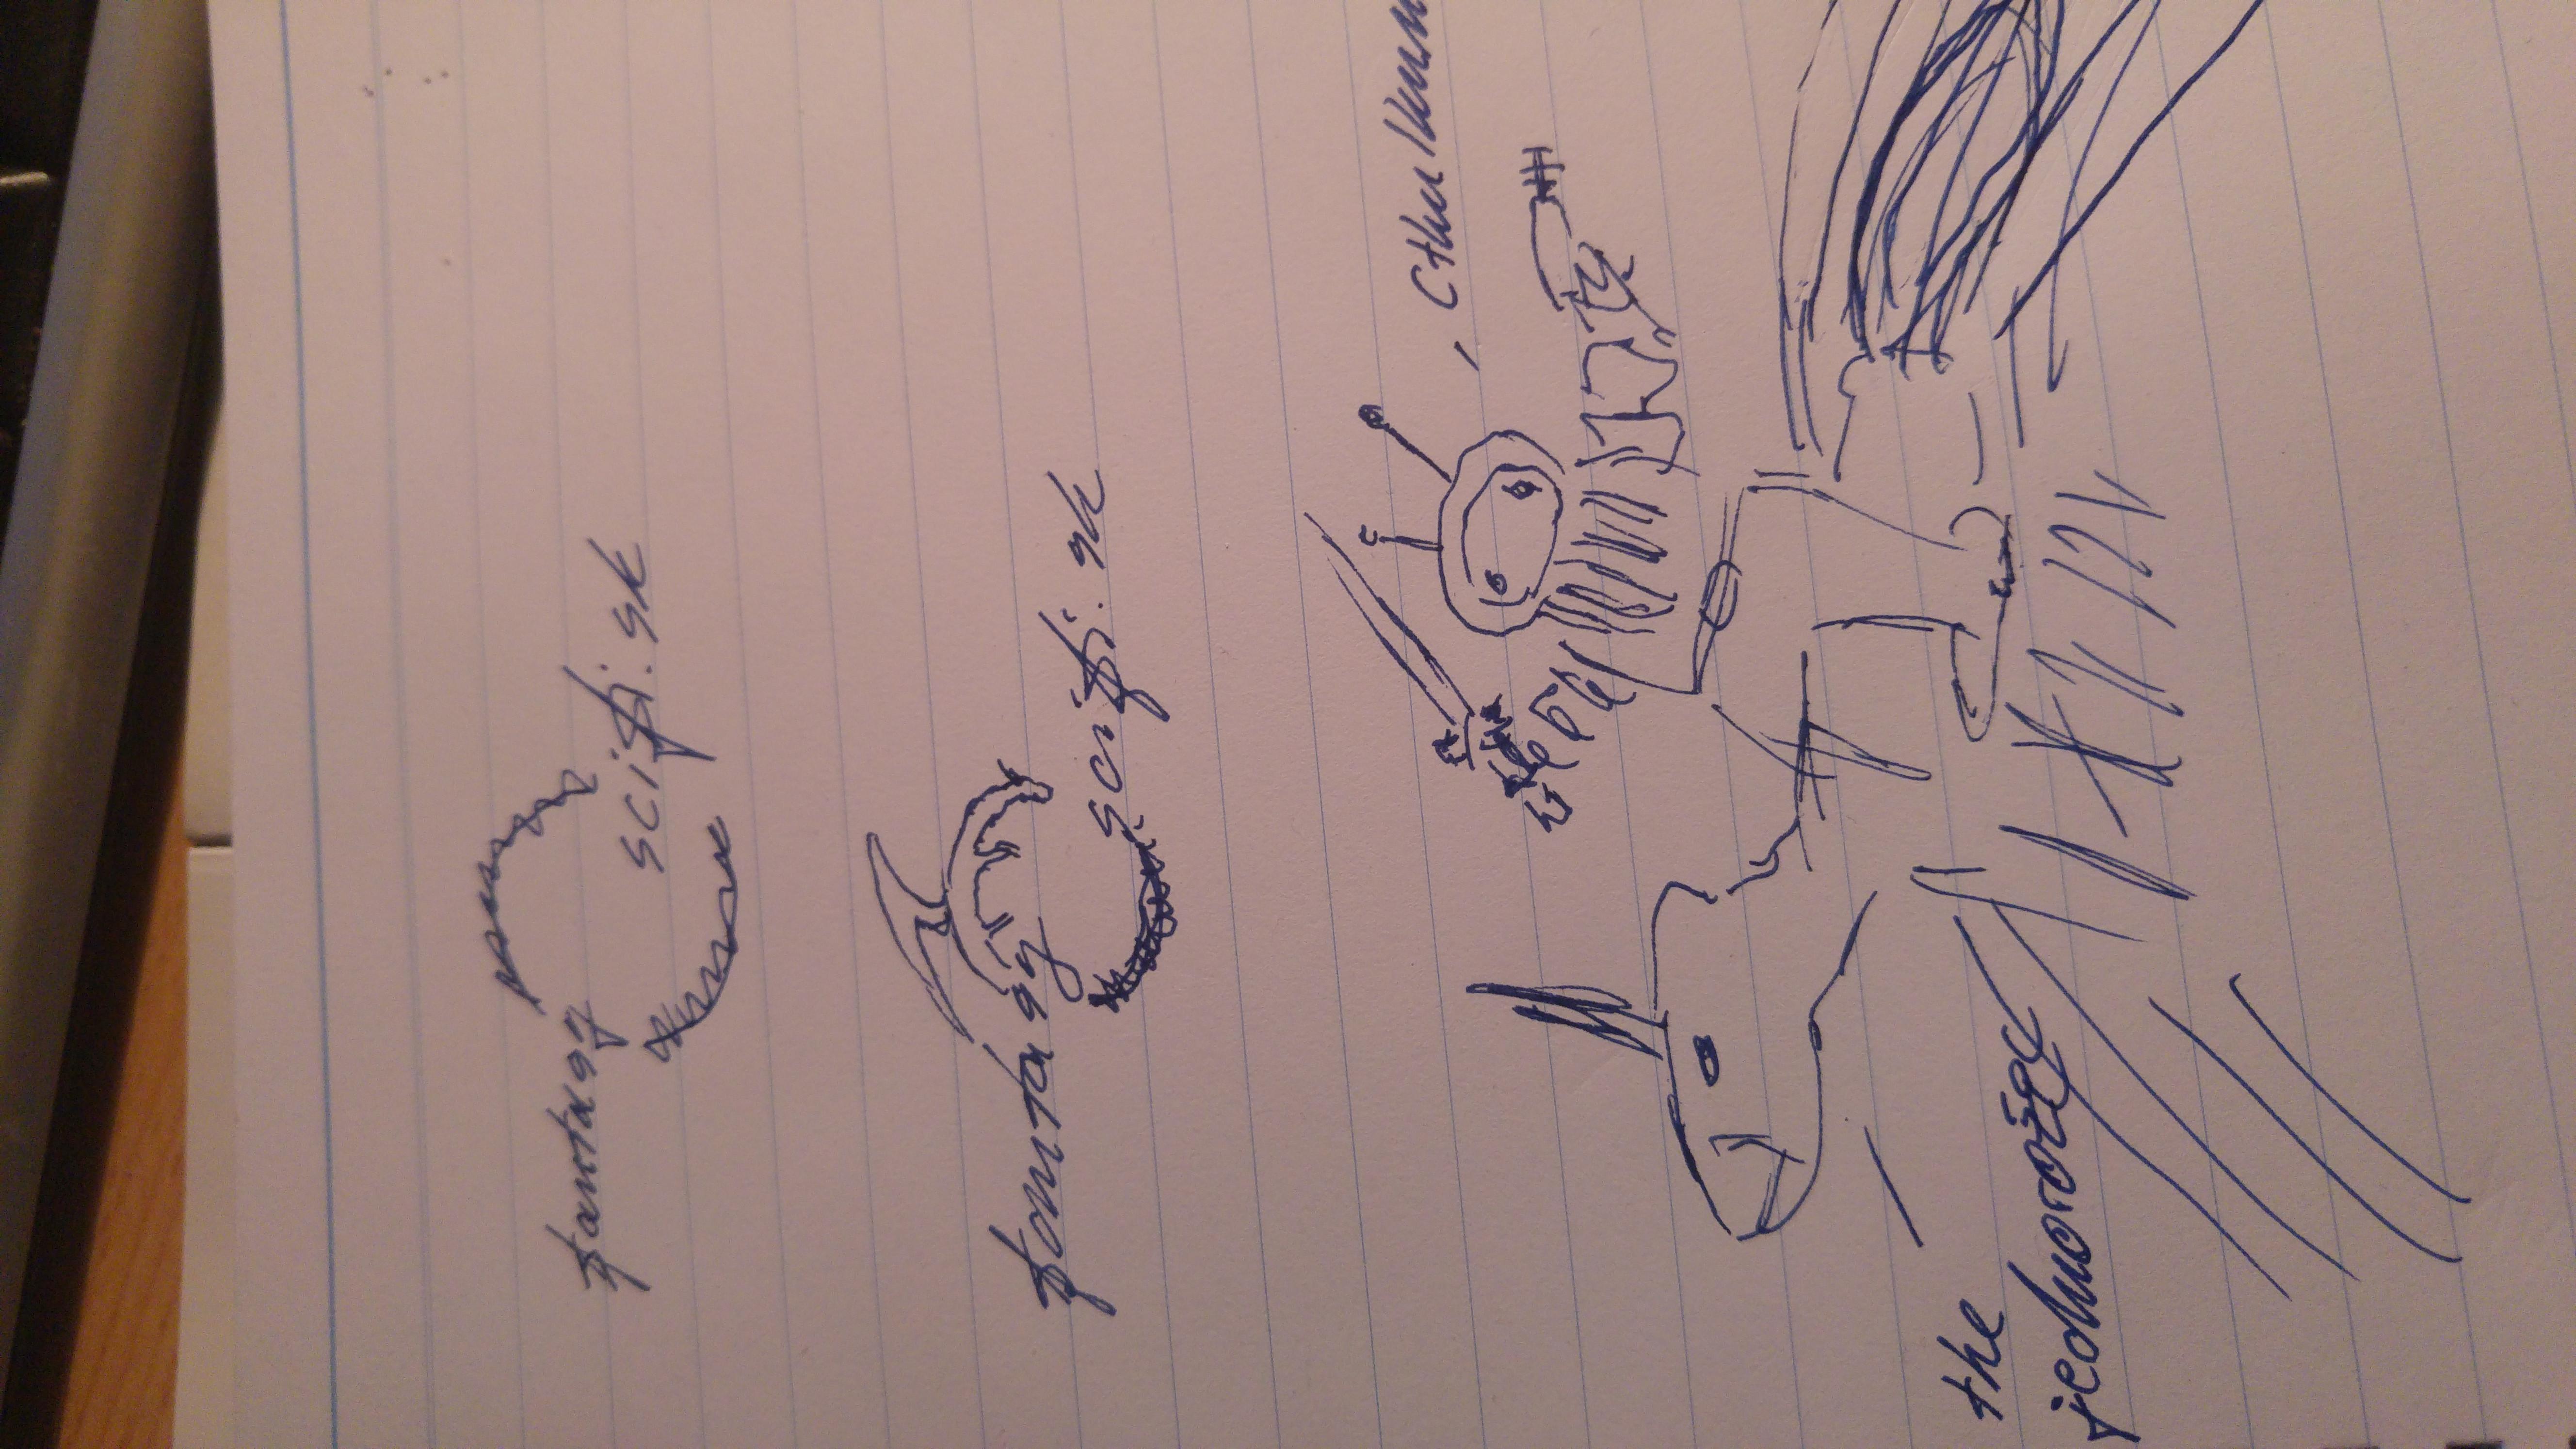 navrh loga. zhora moznost c 1. pod tym moznost c 2 aj so zakomponovanym drakom v kruhu. Dole moznost c 3 - cthulhunaut na space unicorne (heh) s mecom a laserom.